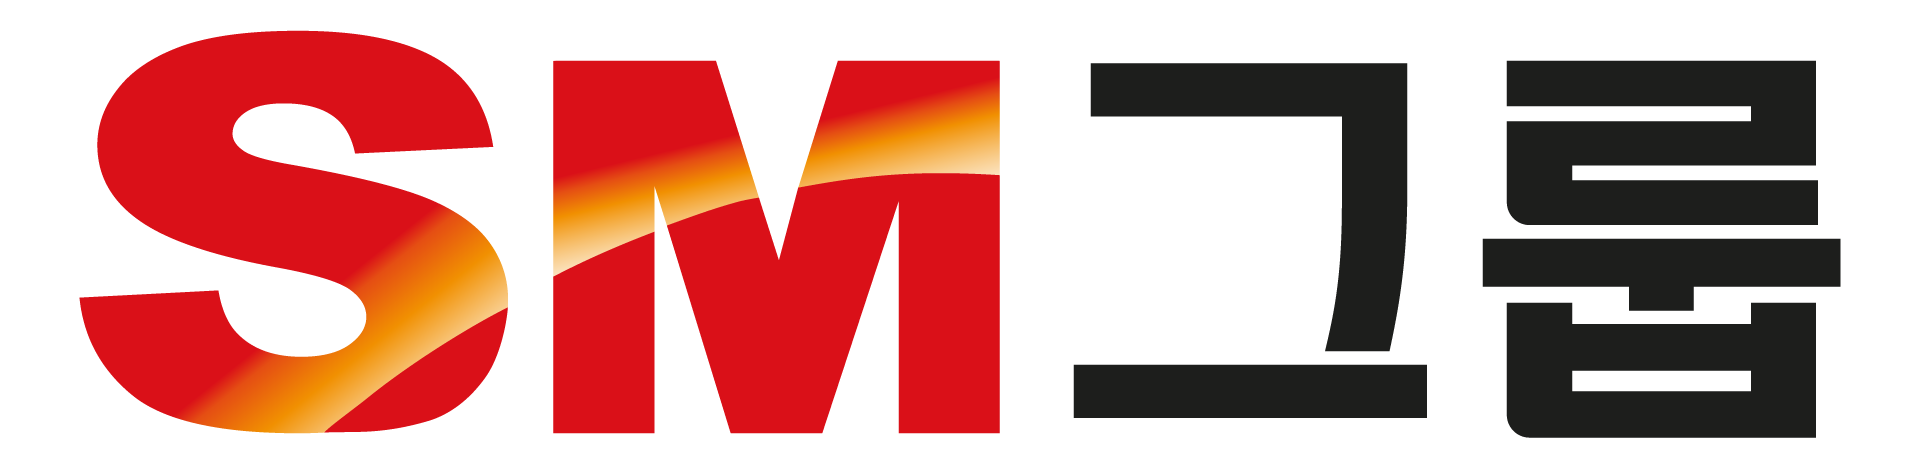 SM의 계열사 에스엠상선(주)의 로고